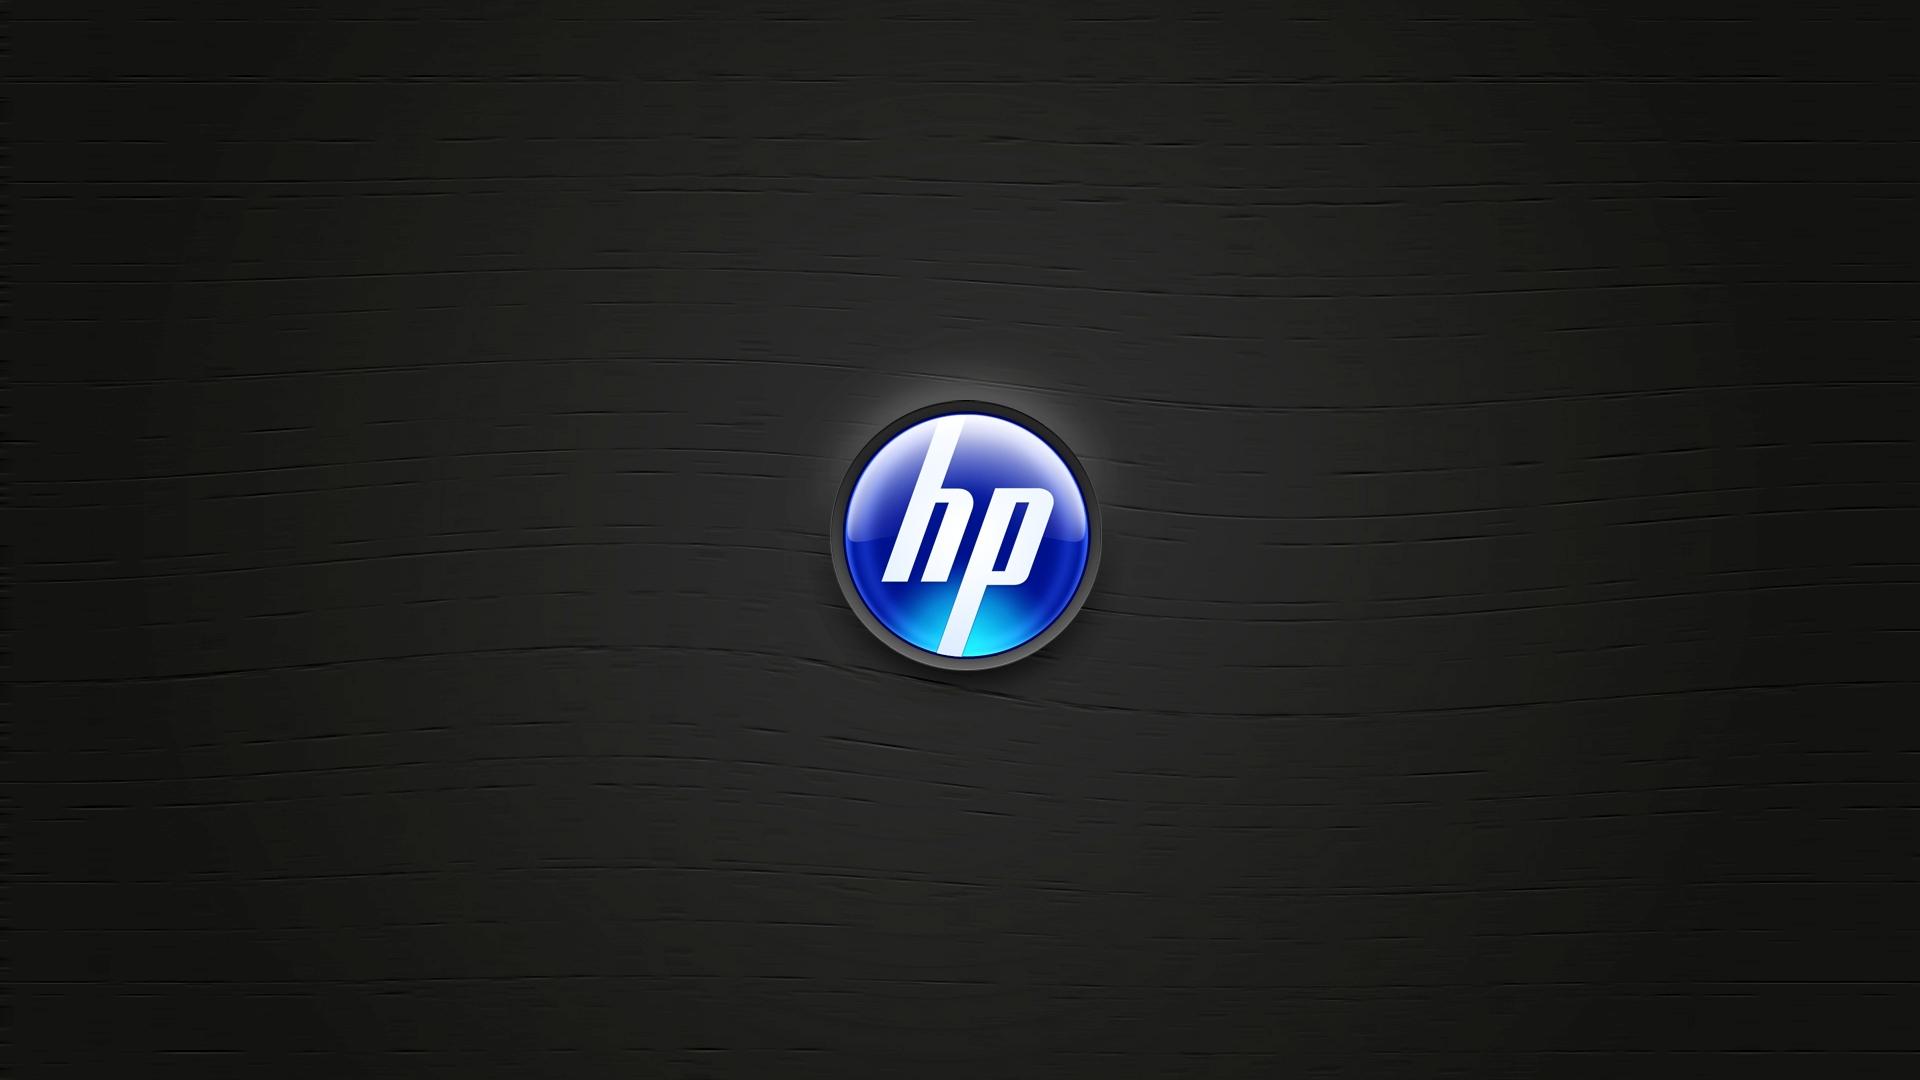 wallpaper Hp 3D Backgrounds hd wallpaper background desktop 1920x1080